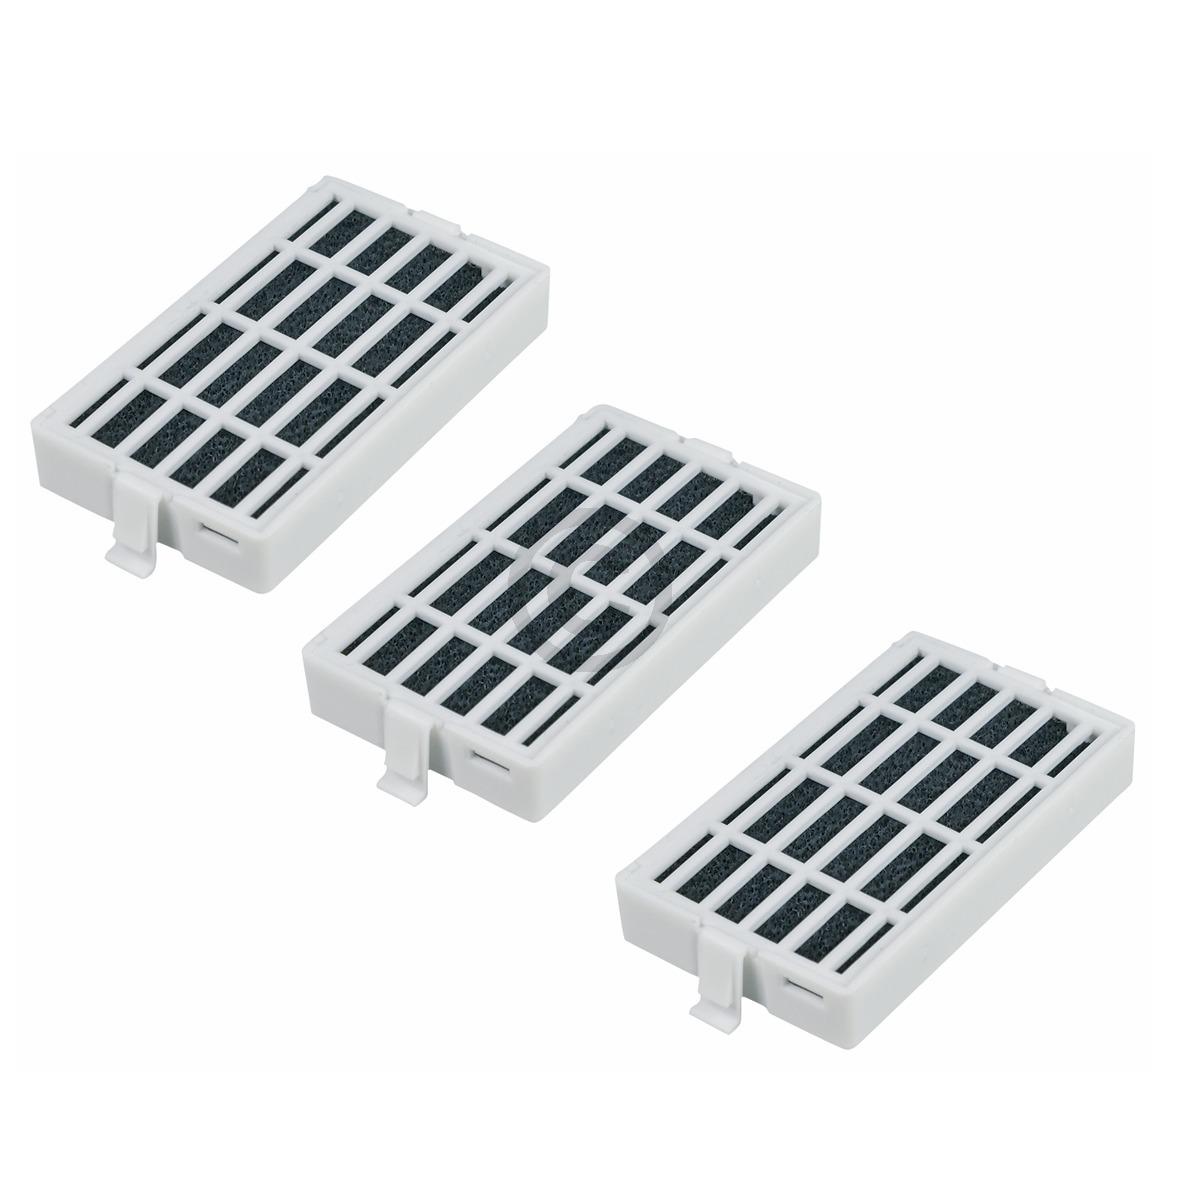 Luftfilter Hygienefilter wie Whirlpool 481248048172 ANTF-MIC ANT001 für